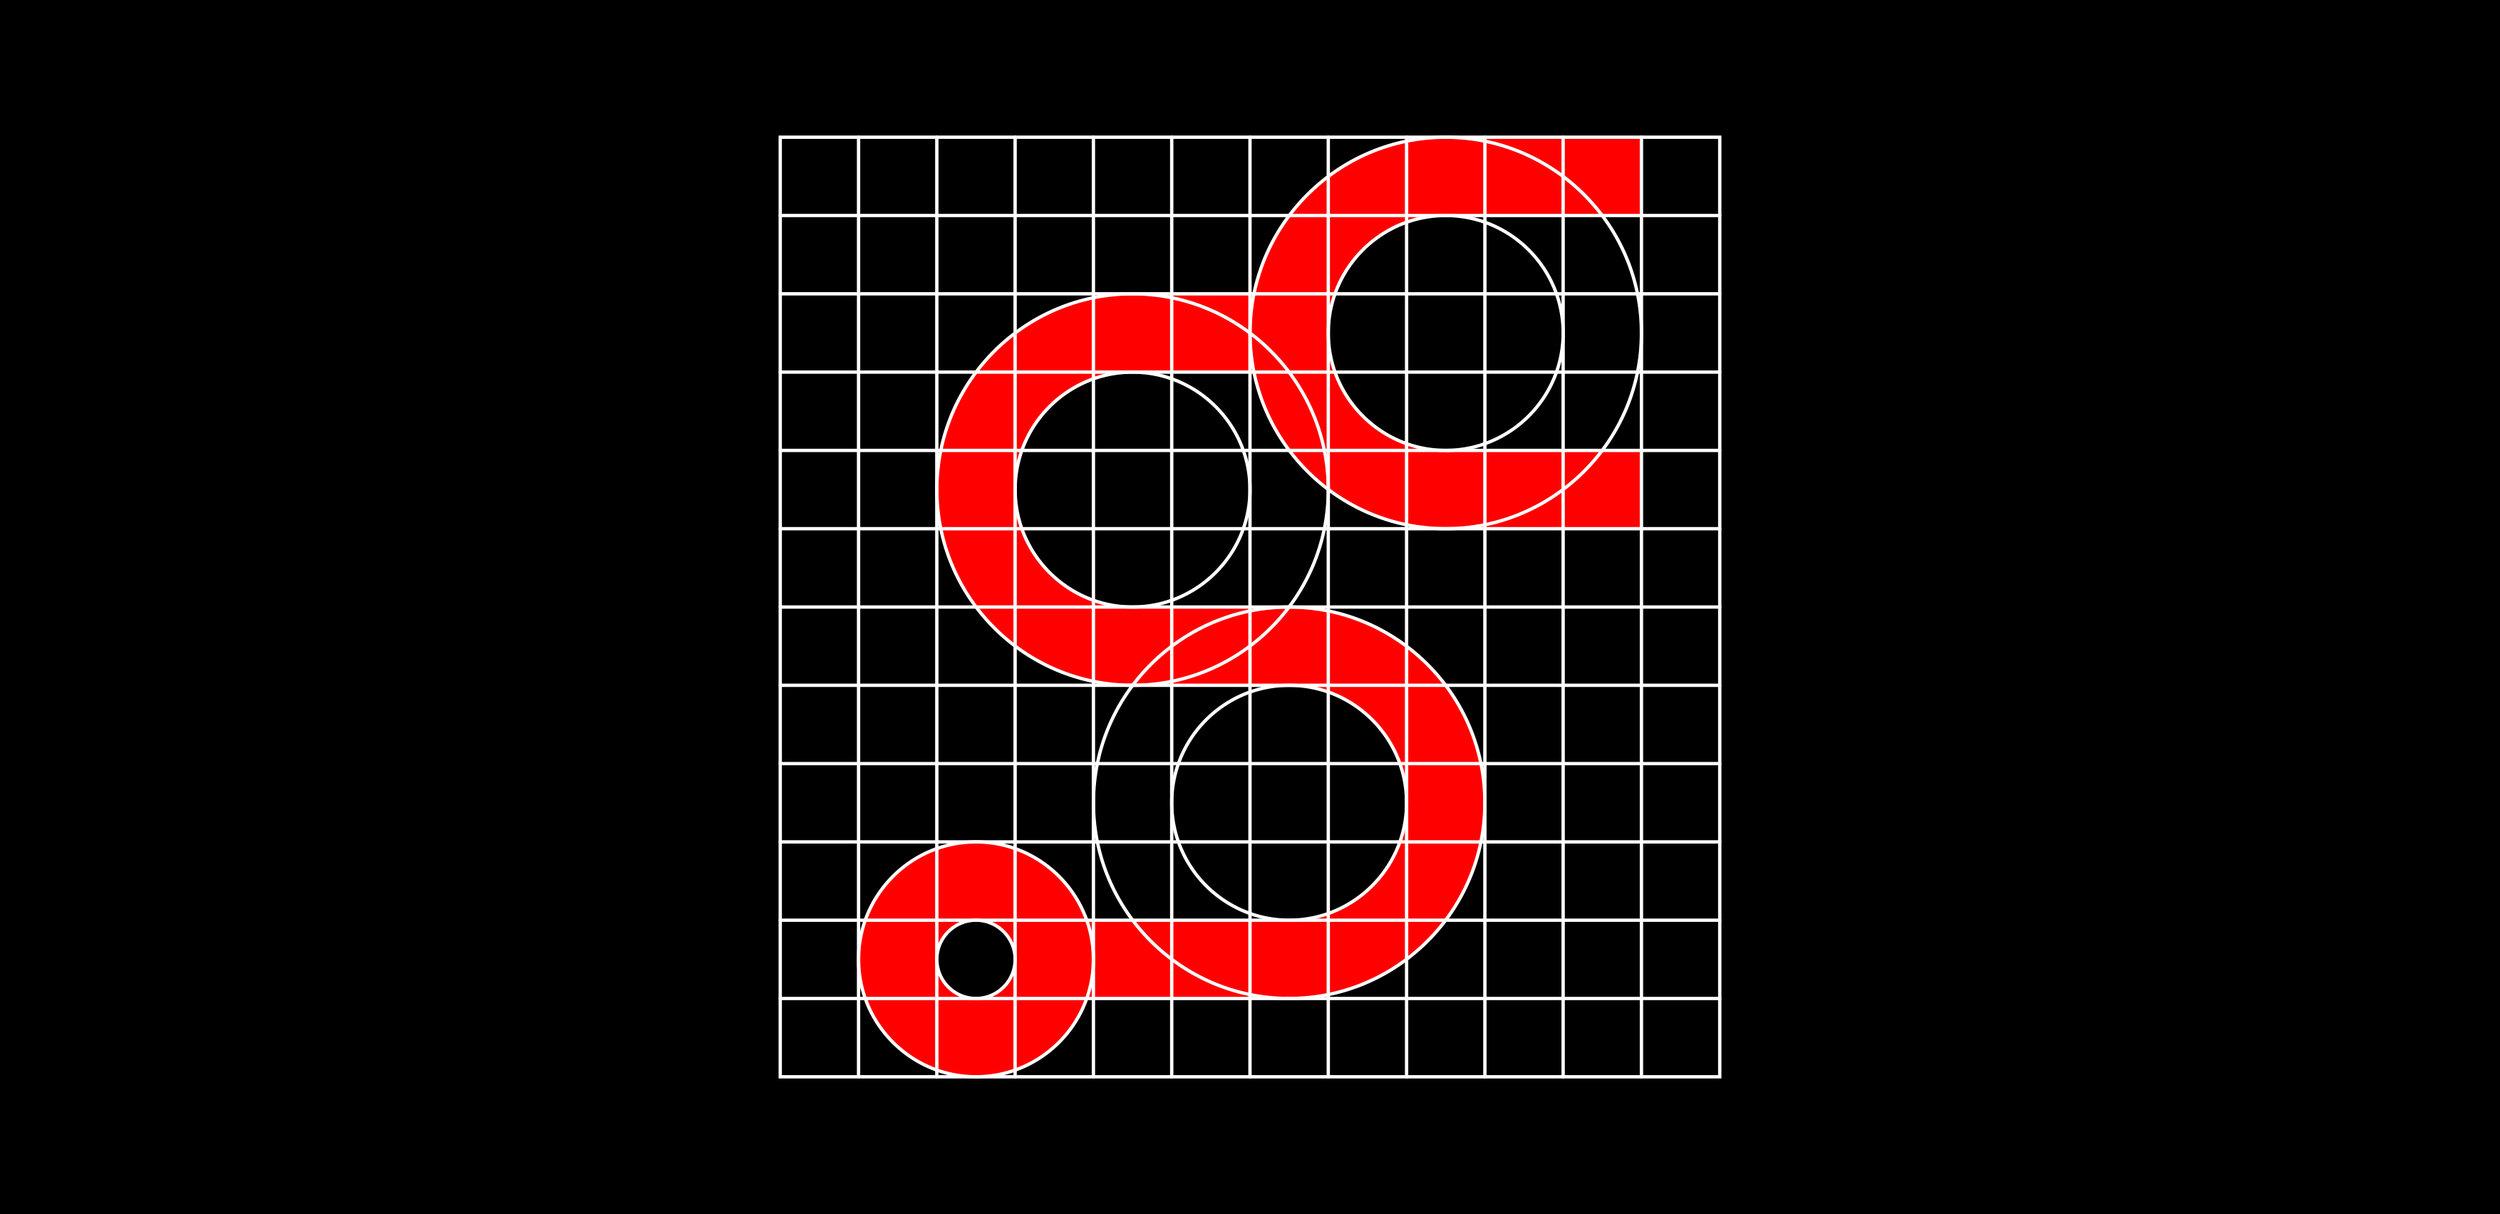 spoedconsult-grid.jpg